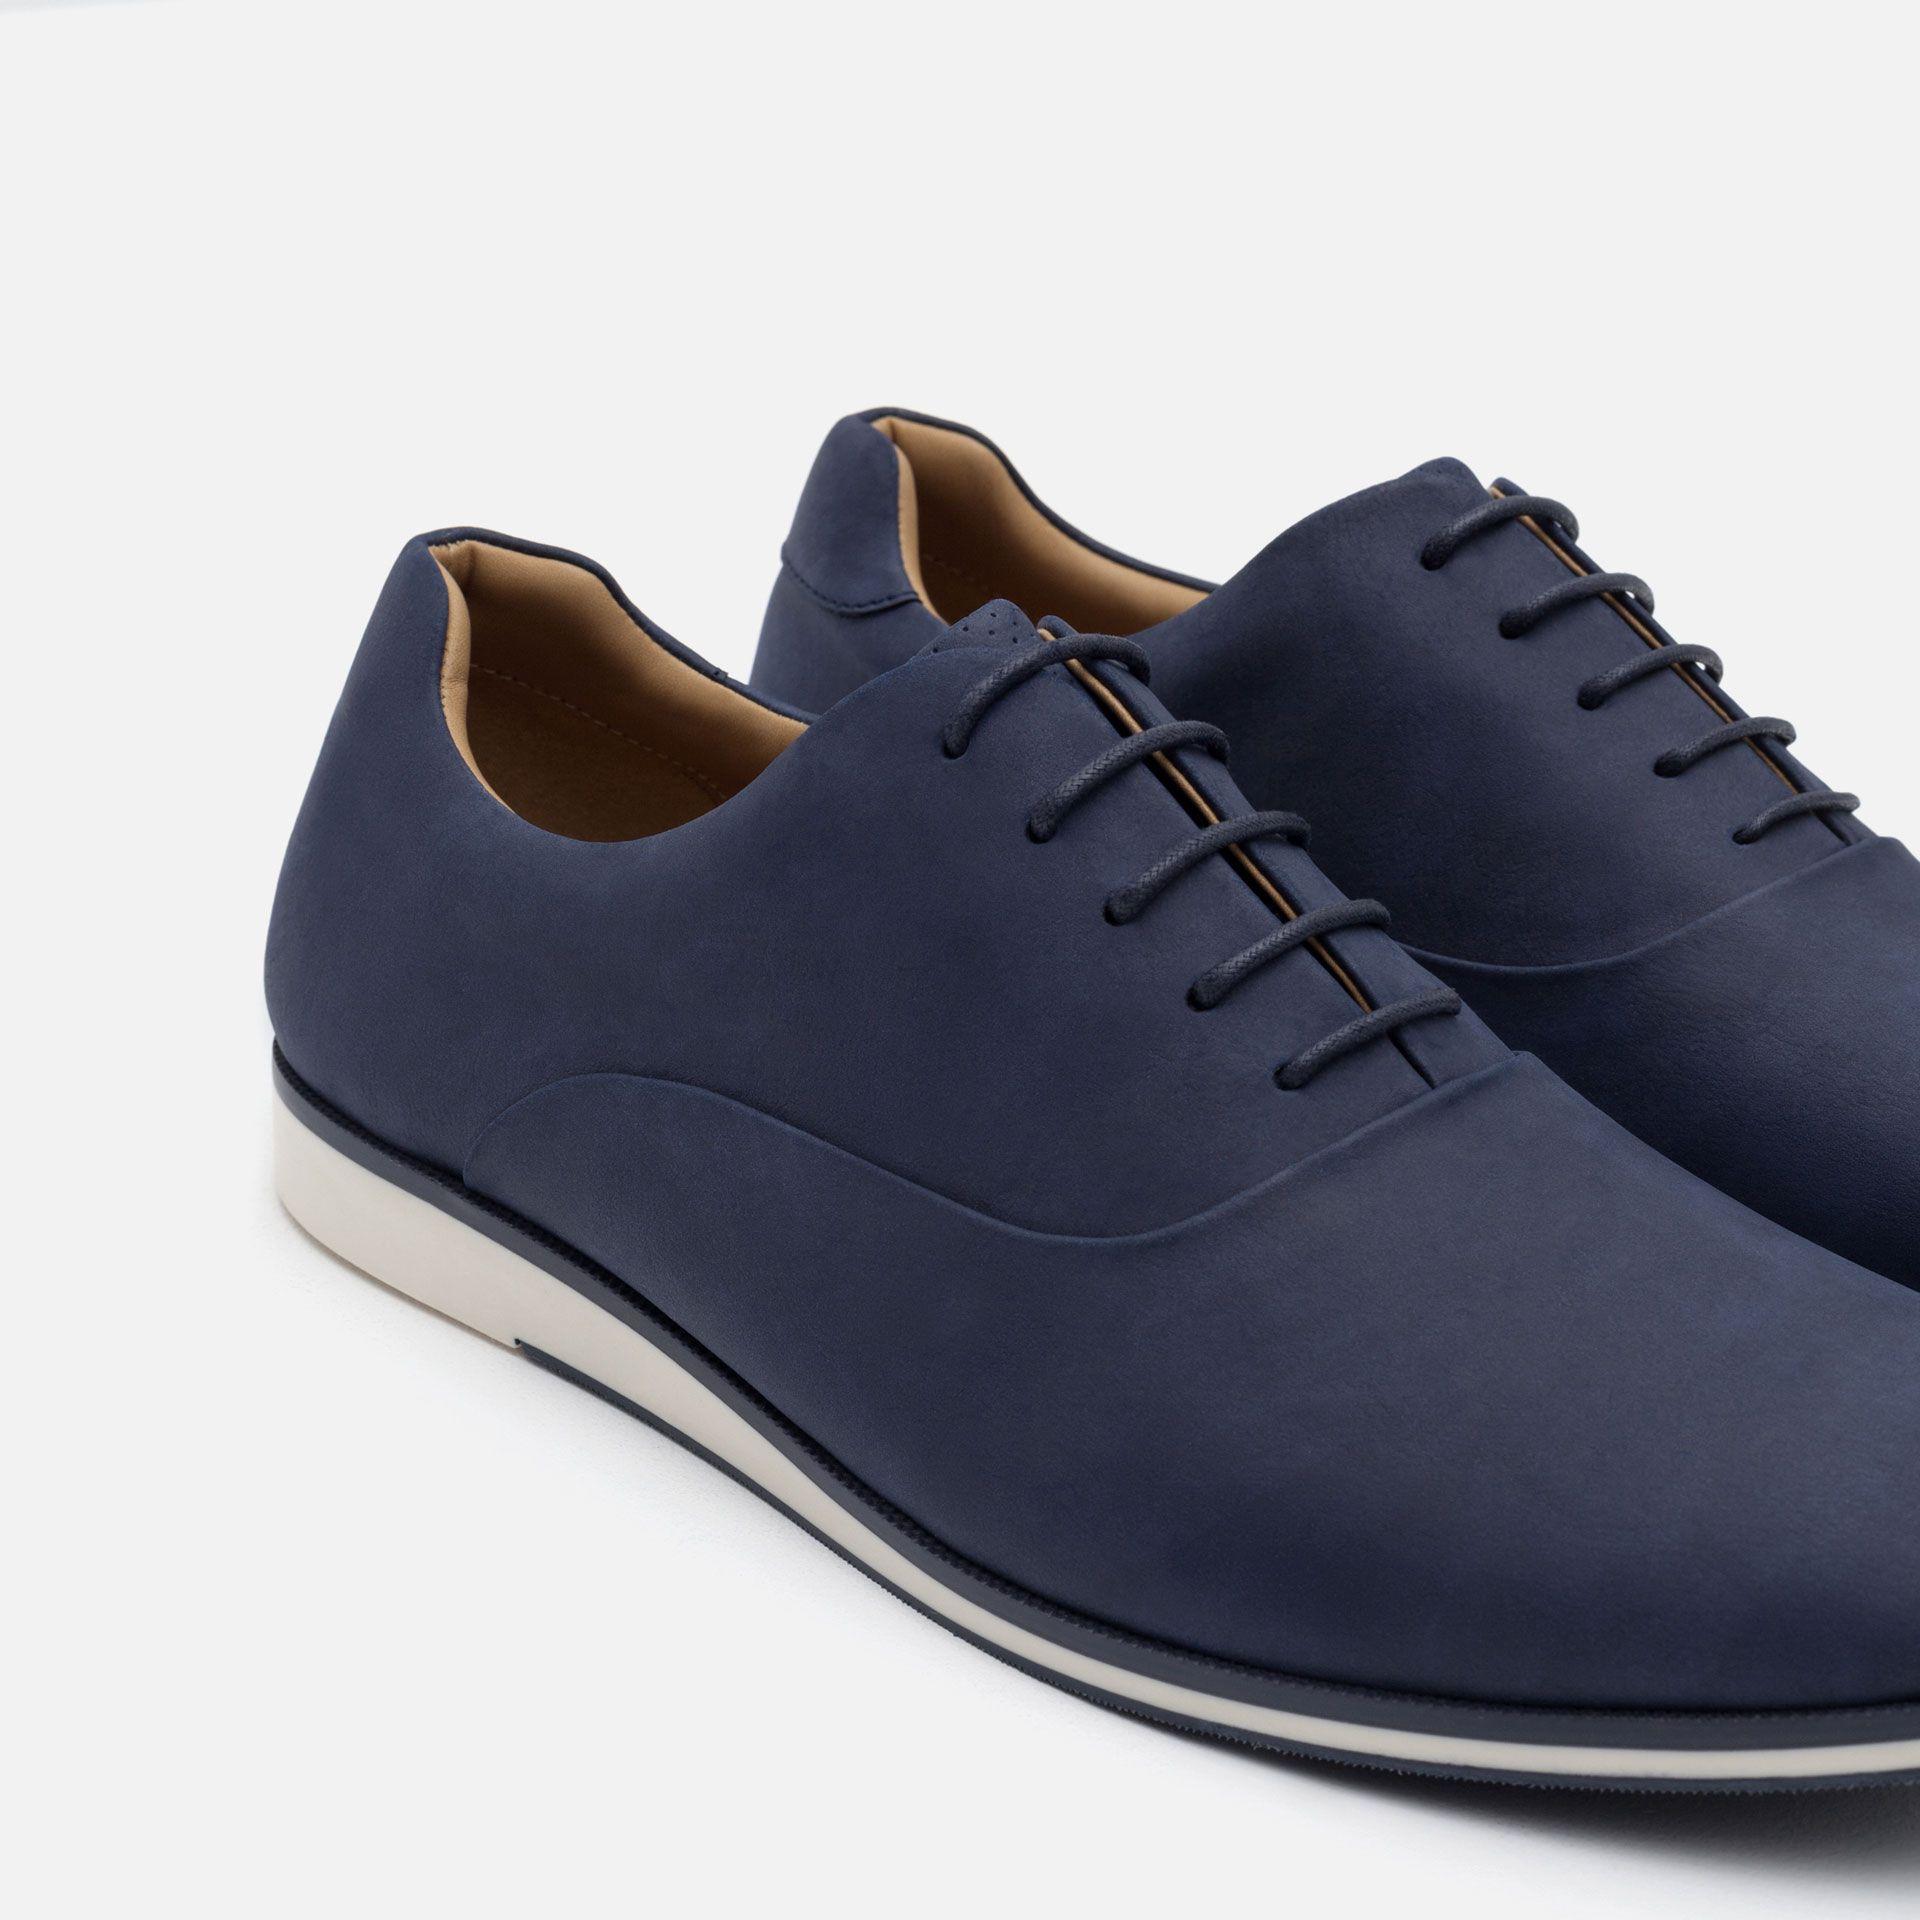 fe6cbb9b688 DEPORTIVO INSPIRACIÓN ZAPATO INGLÉS - Ver todo - Zapatos - HOMBRE ...